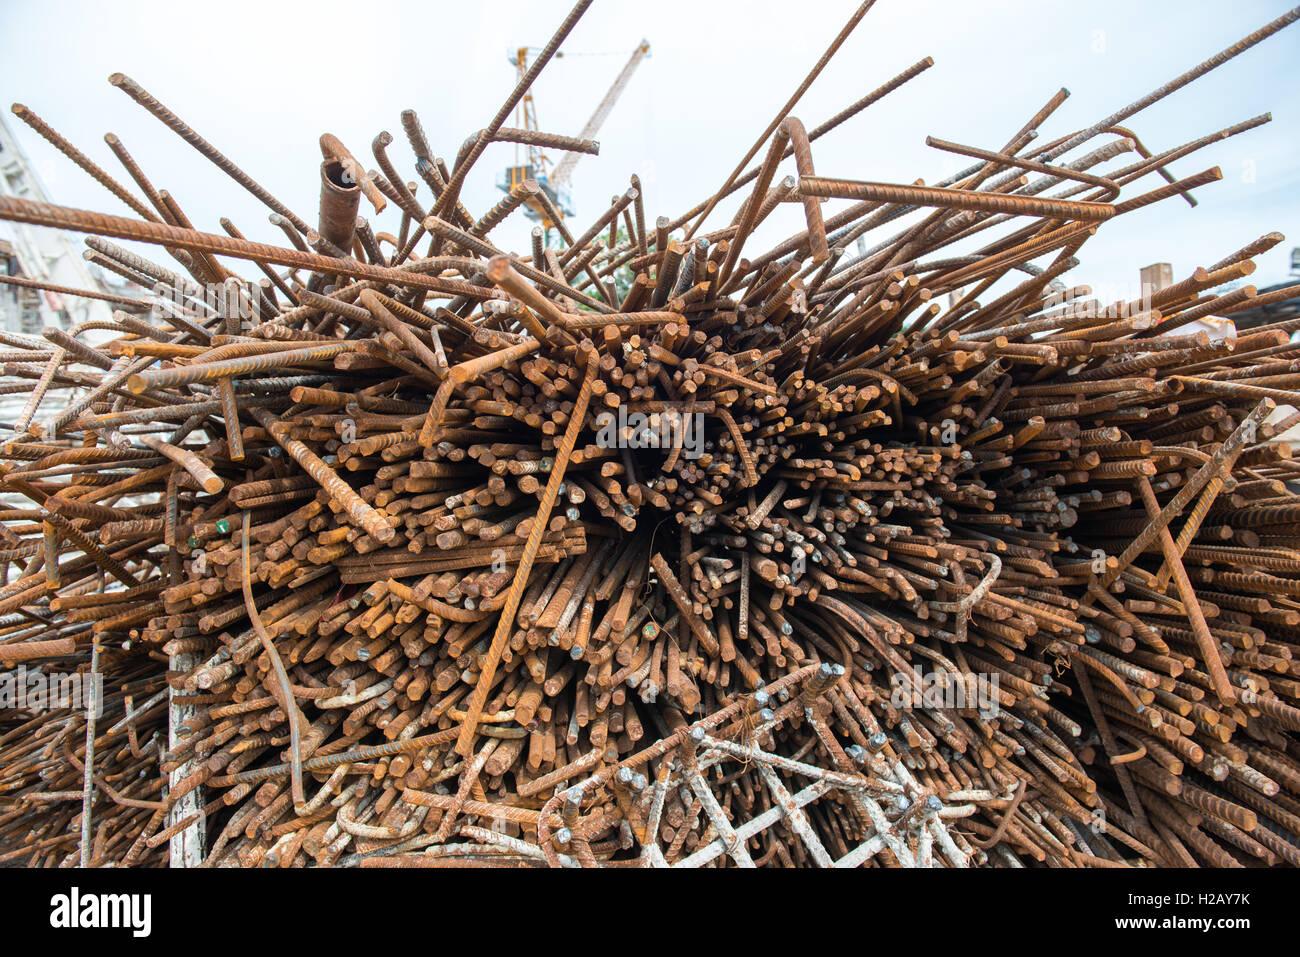 steel scrap heap - Stock Image